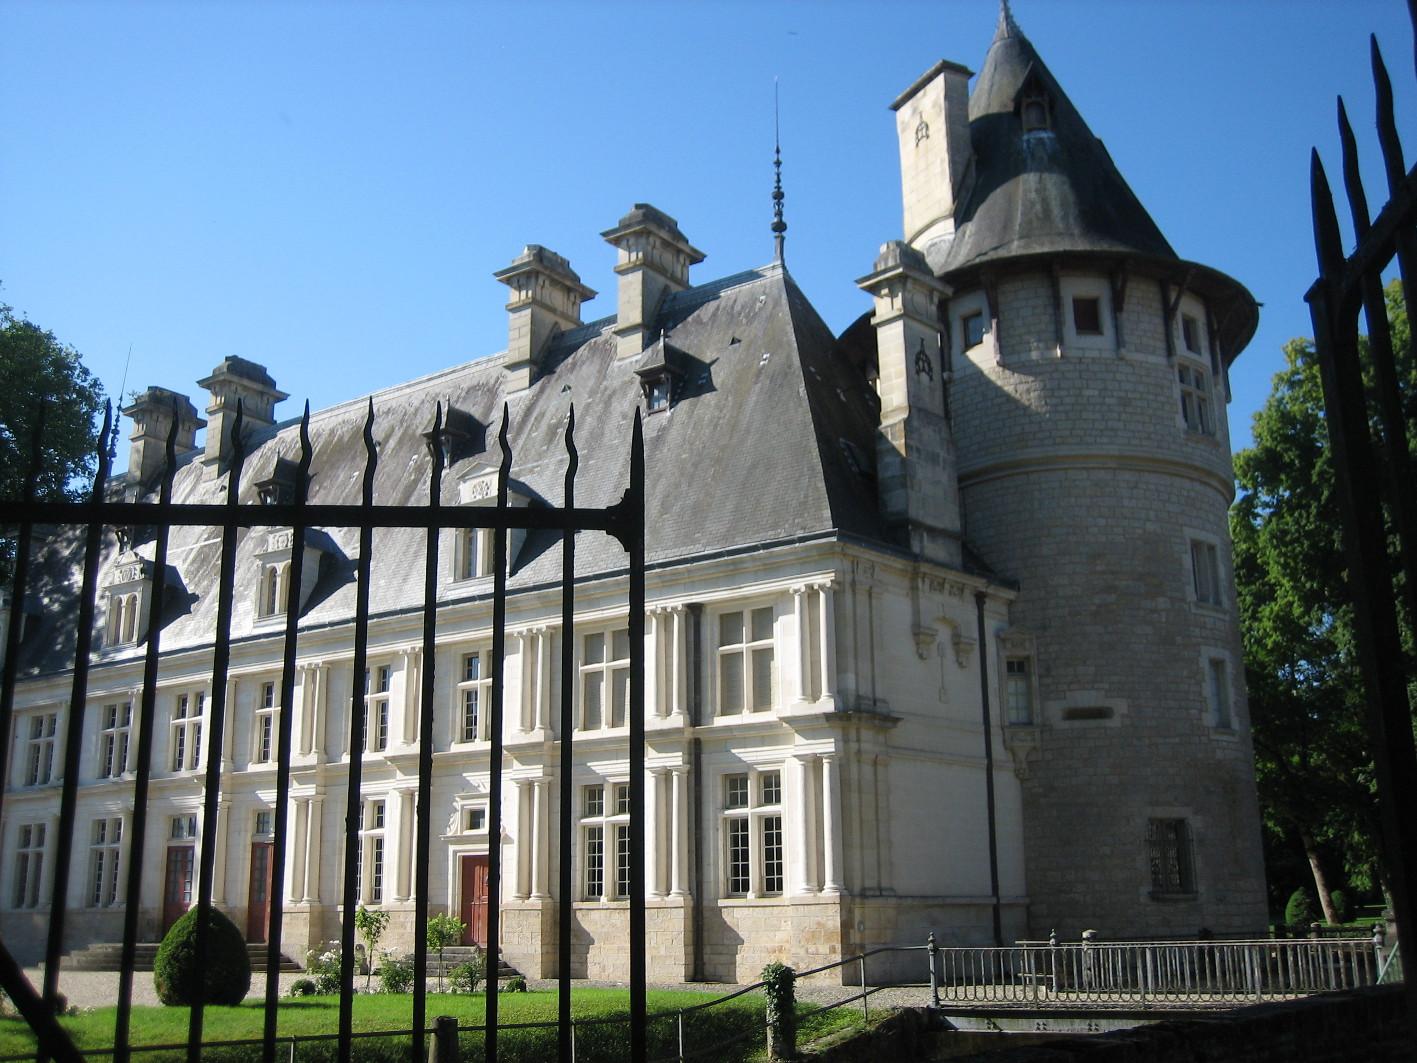 Entrée septentrionale - Château de Montigny-sur-Aube © Château de Montigny-sur-Aube